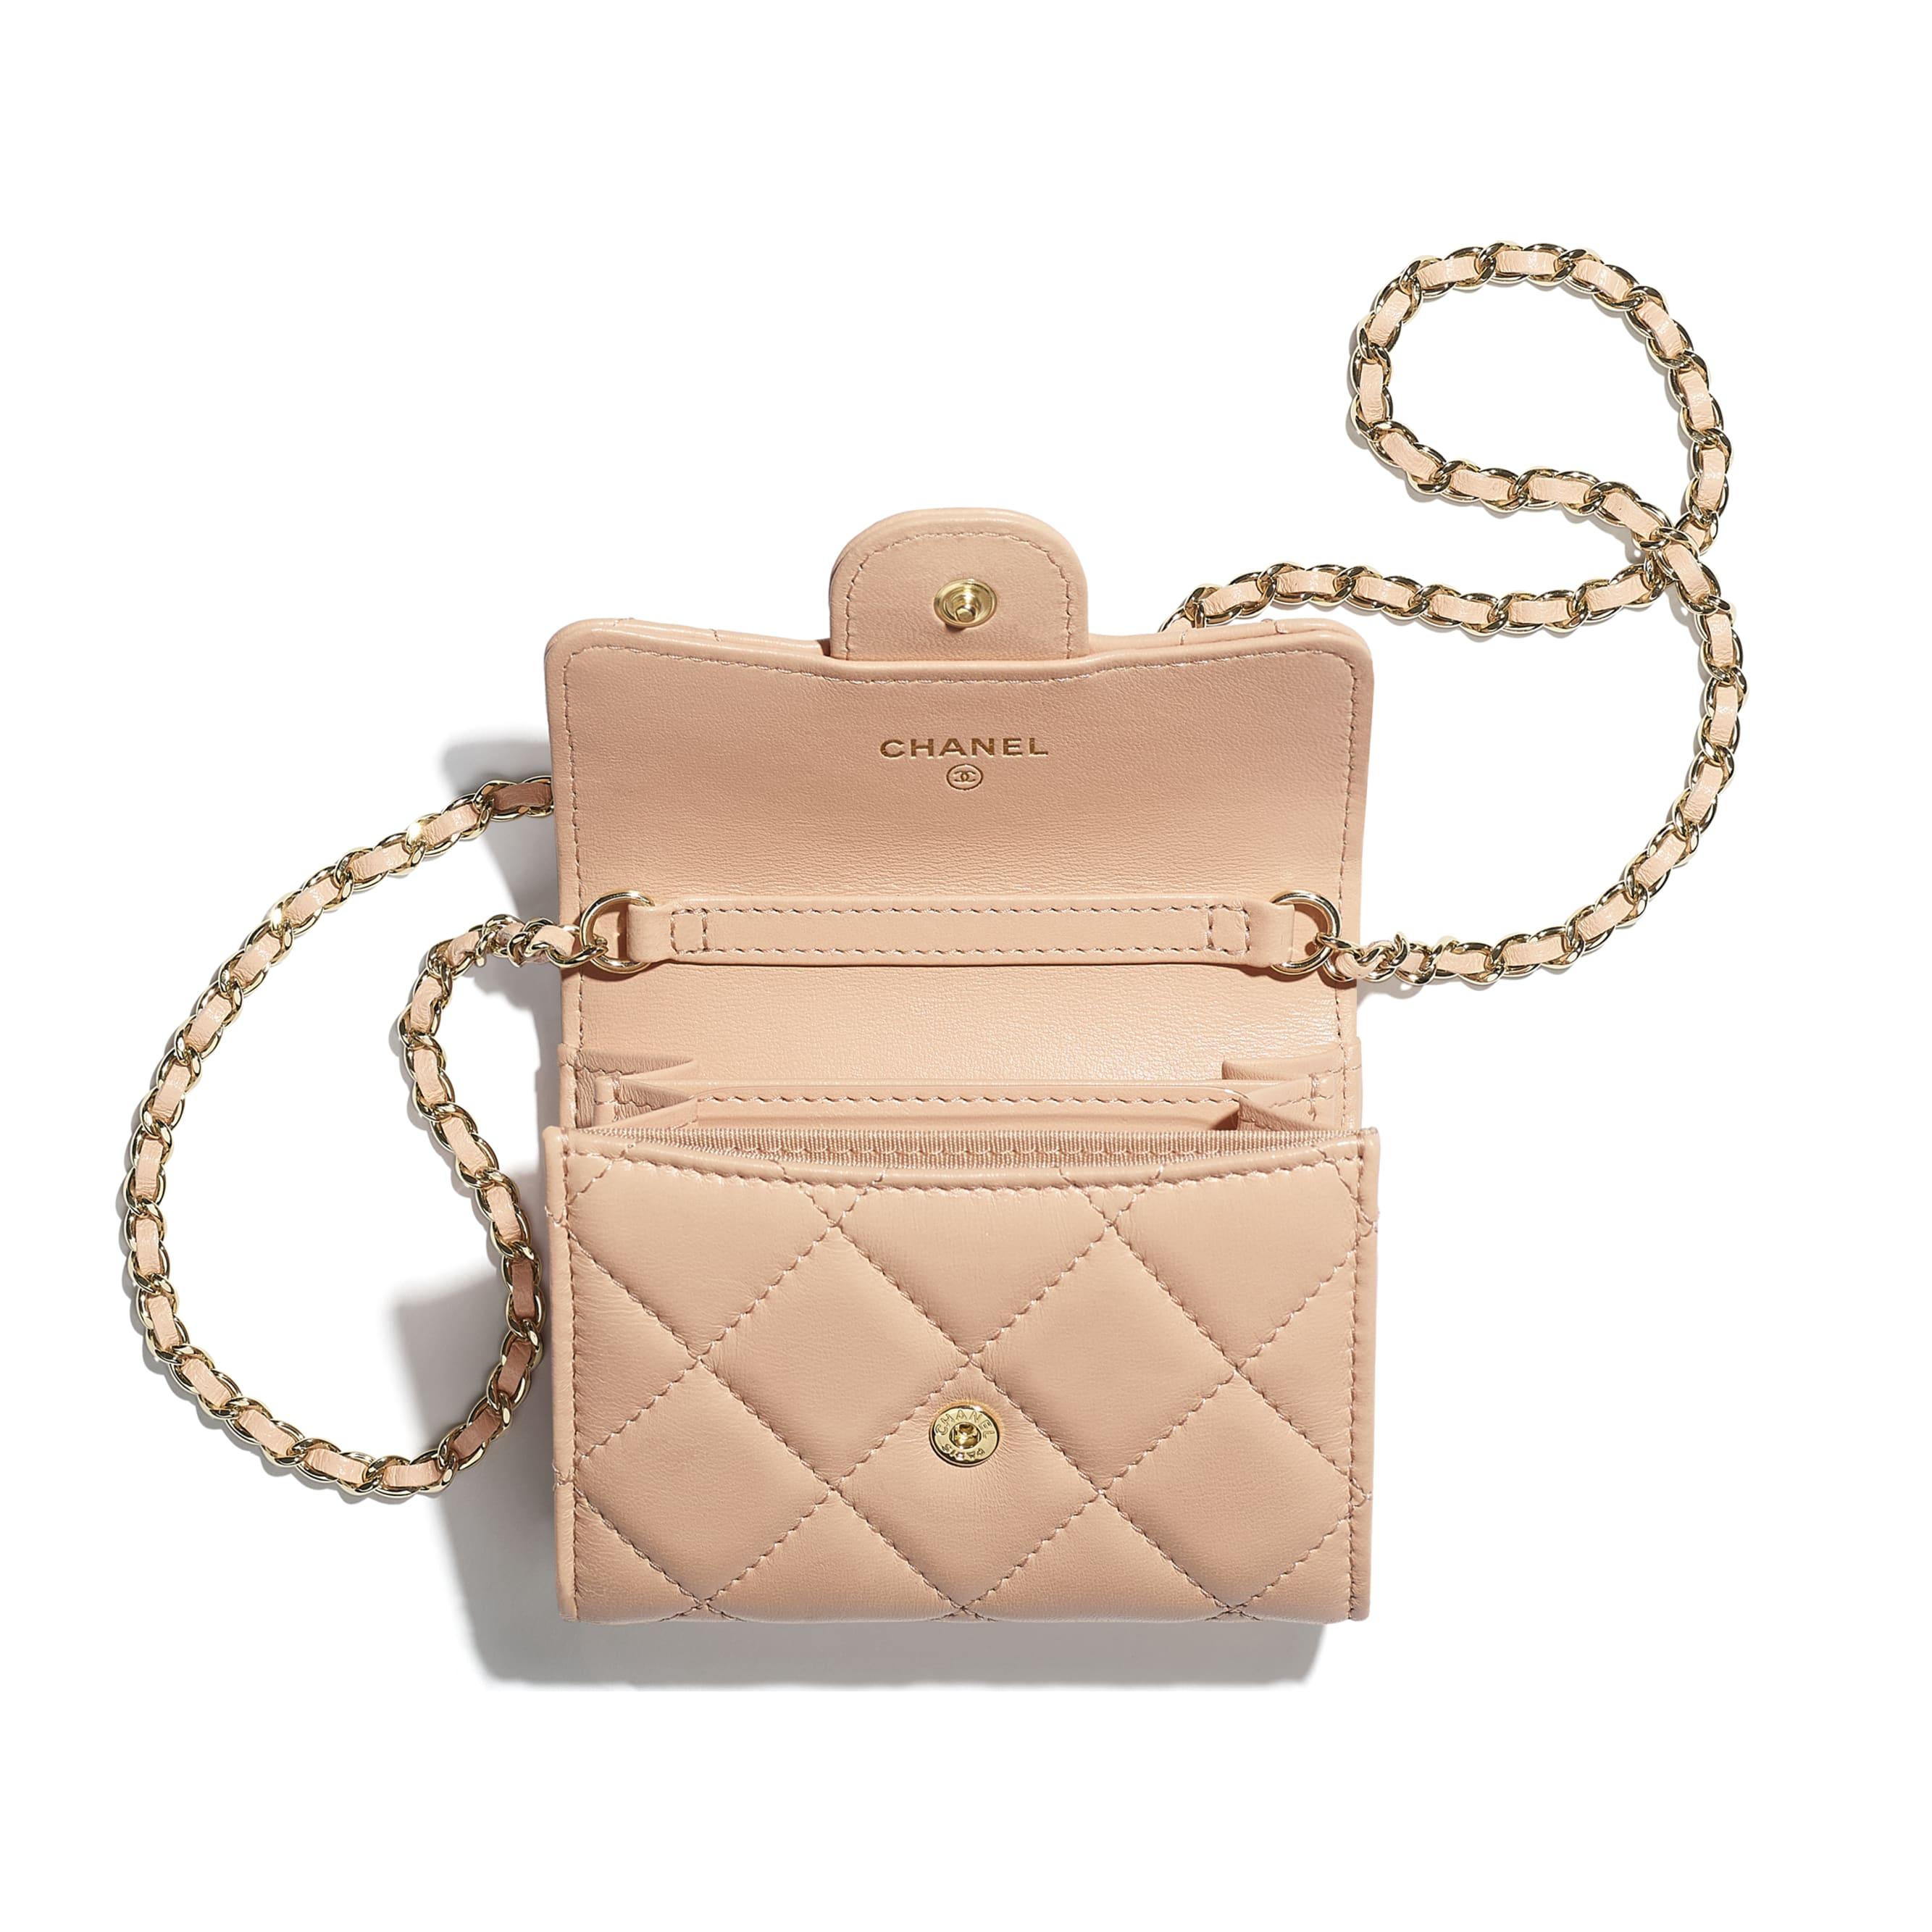 Clutch con catena classica - Rosa chiaro - Pelle di agnello & metallo effetto dorato - CHANEL - Immagine diversa - vedere versione standard